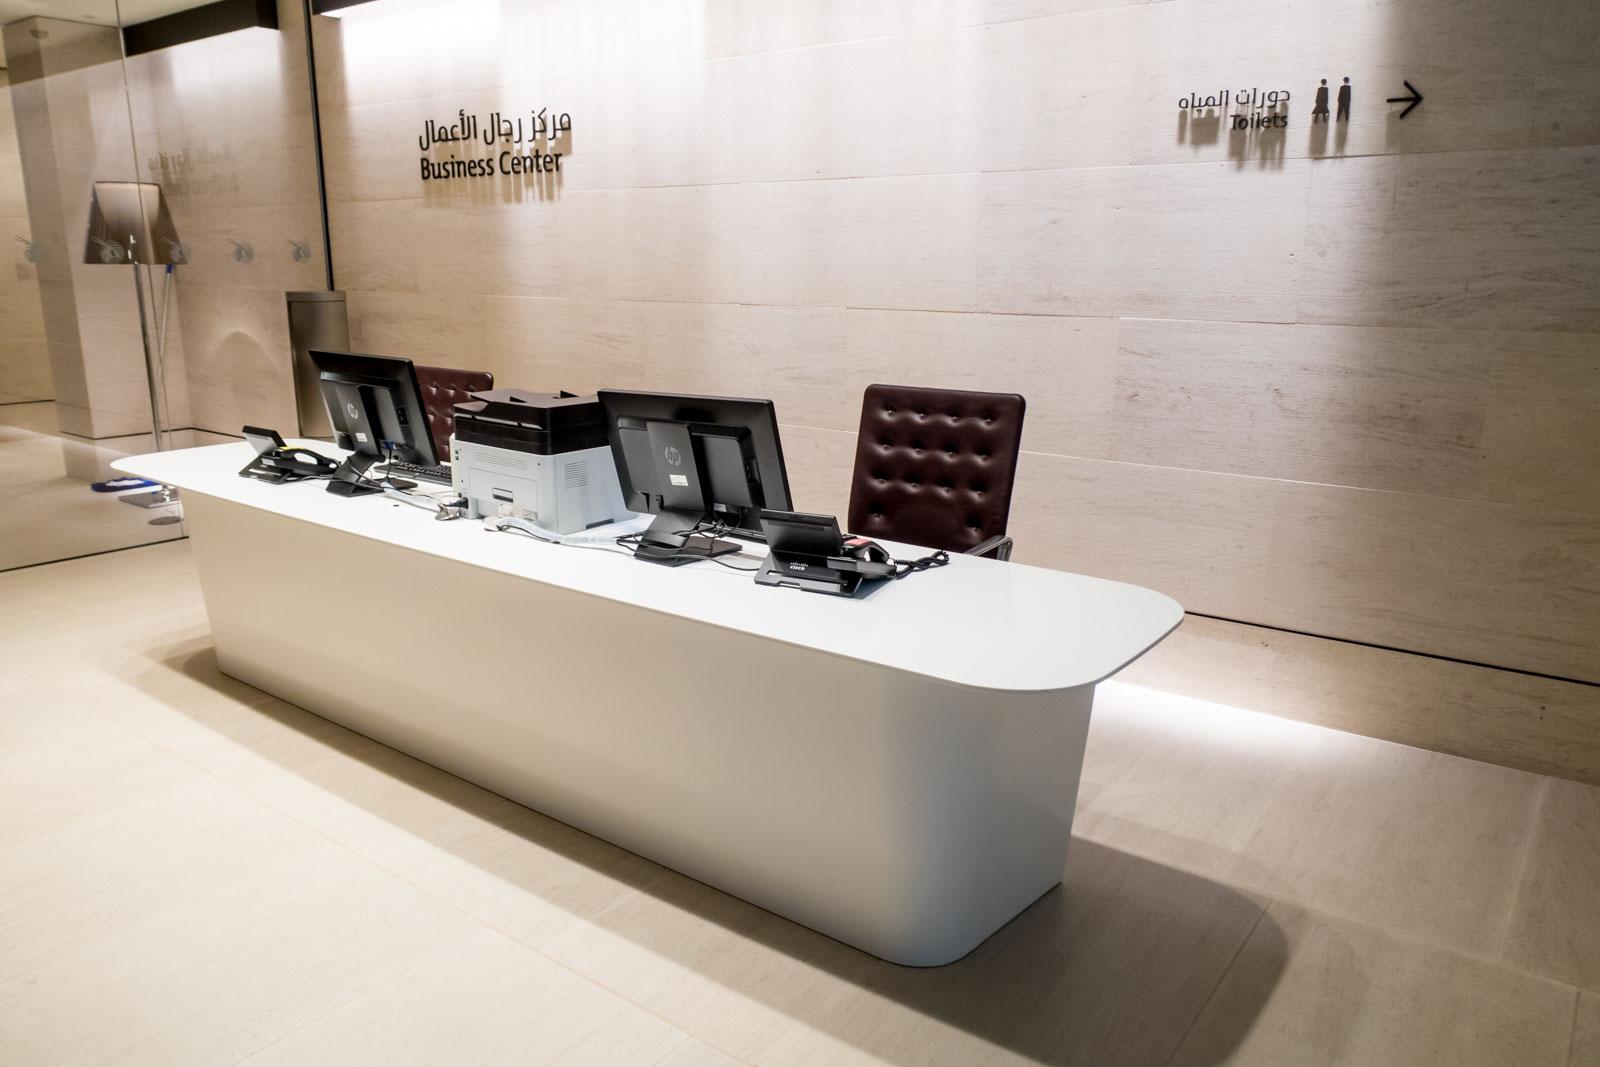 Qatar Airways Business Center Arrivals Lounge Doha